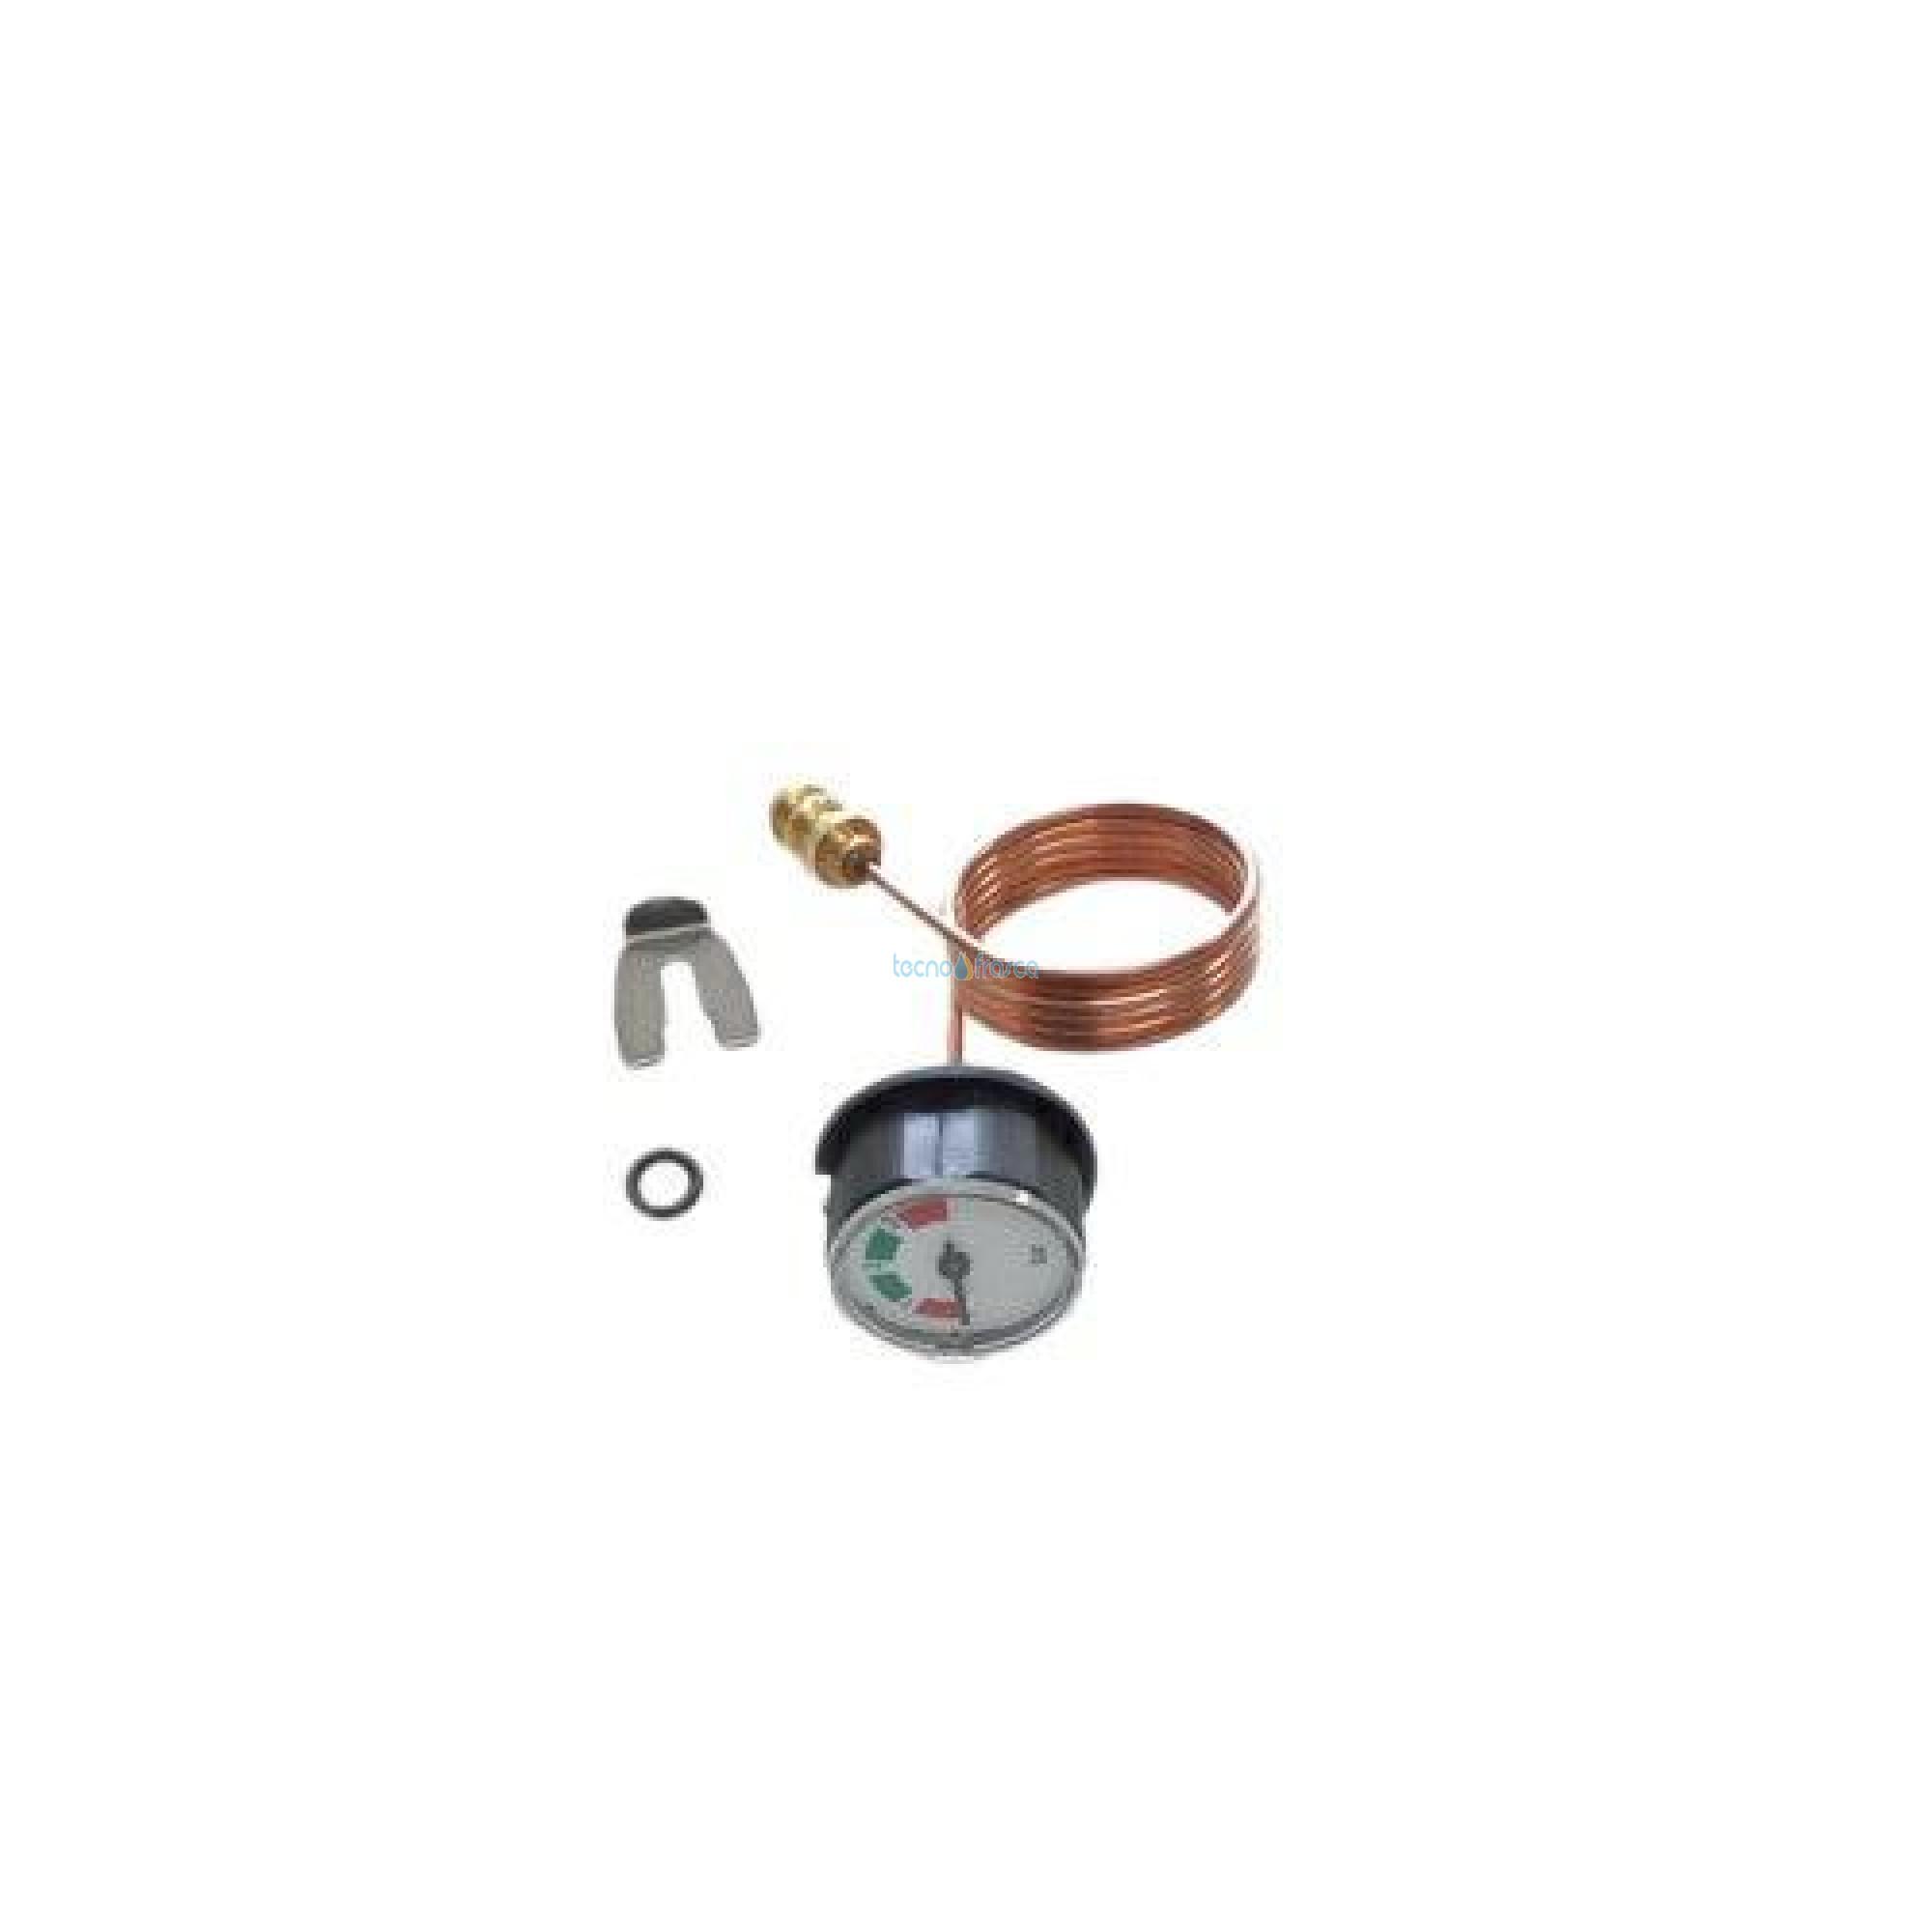 Chaffoteaux idrometro talia-pigma 60000725